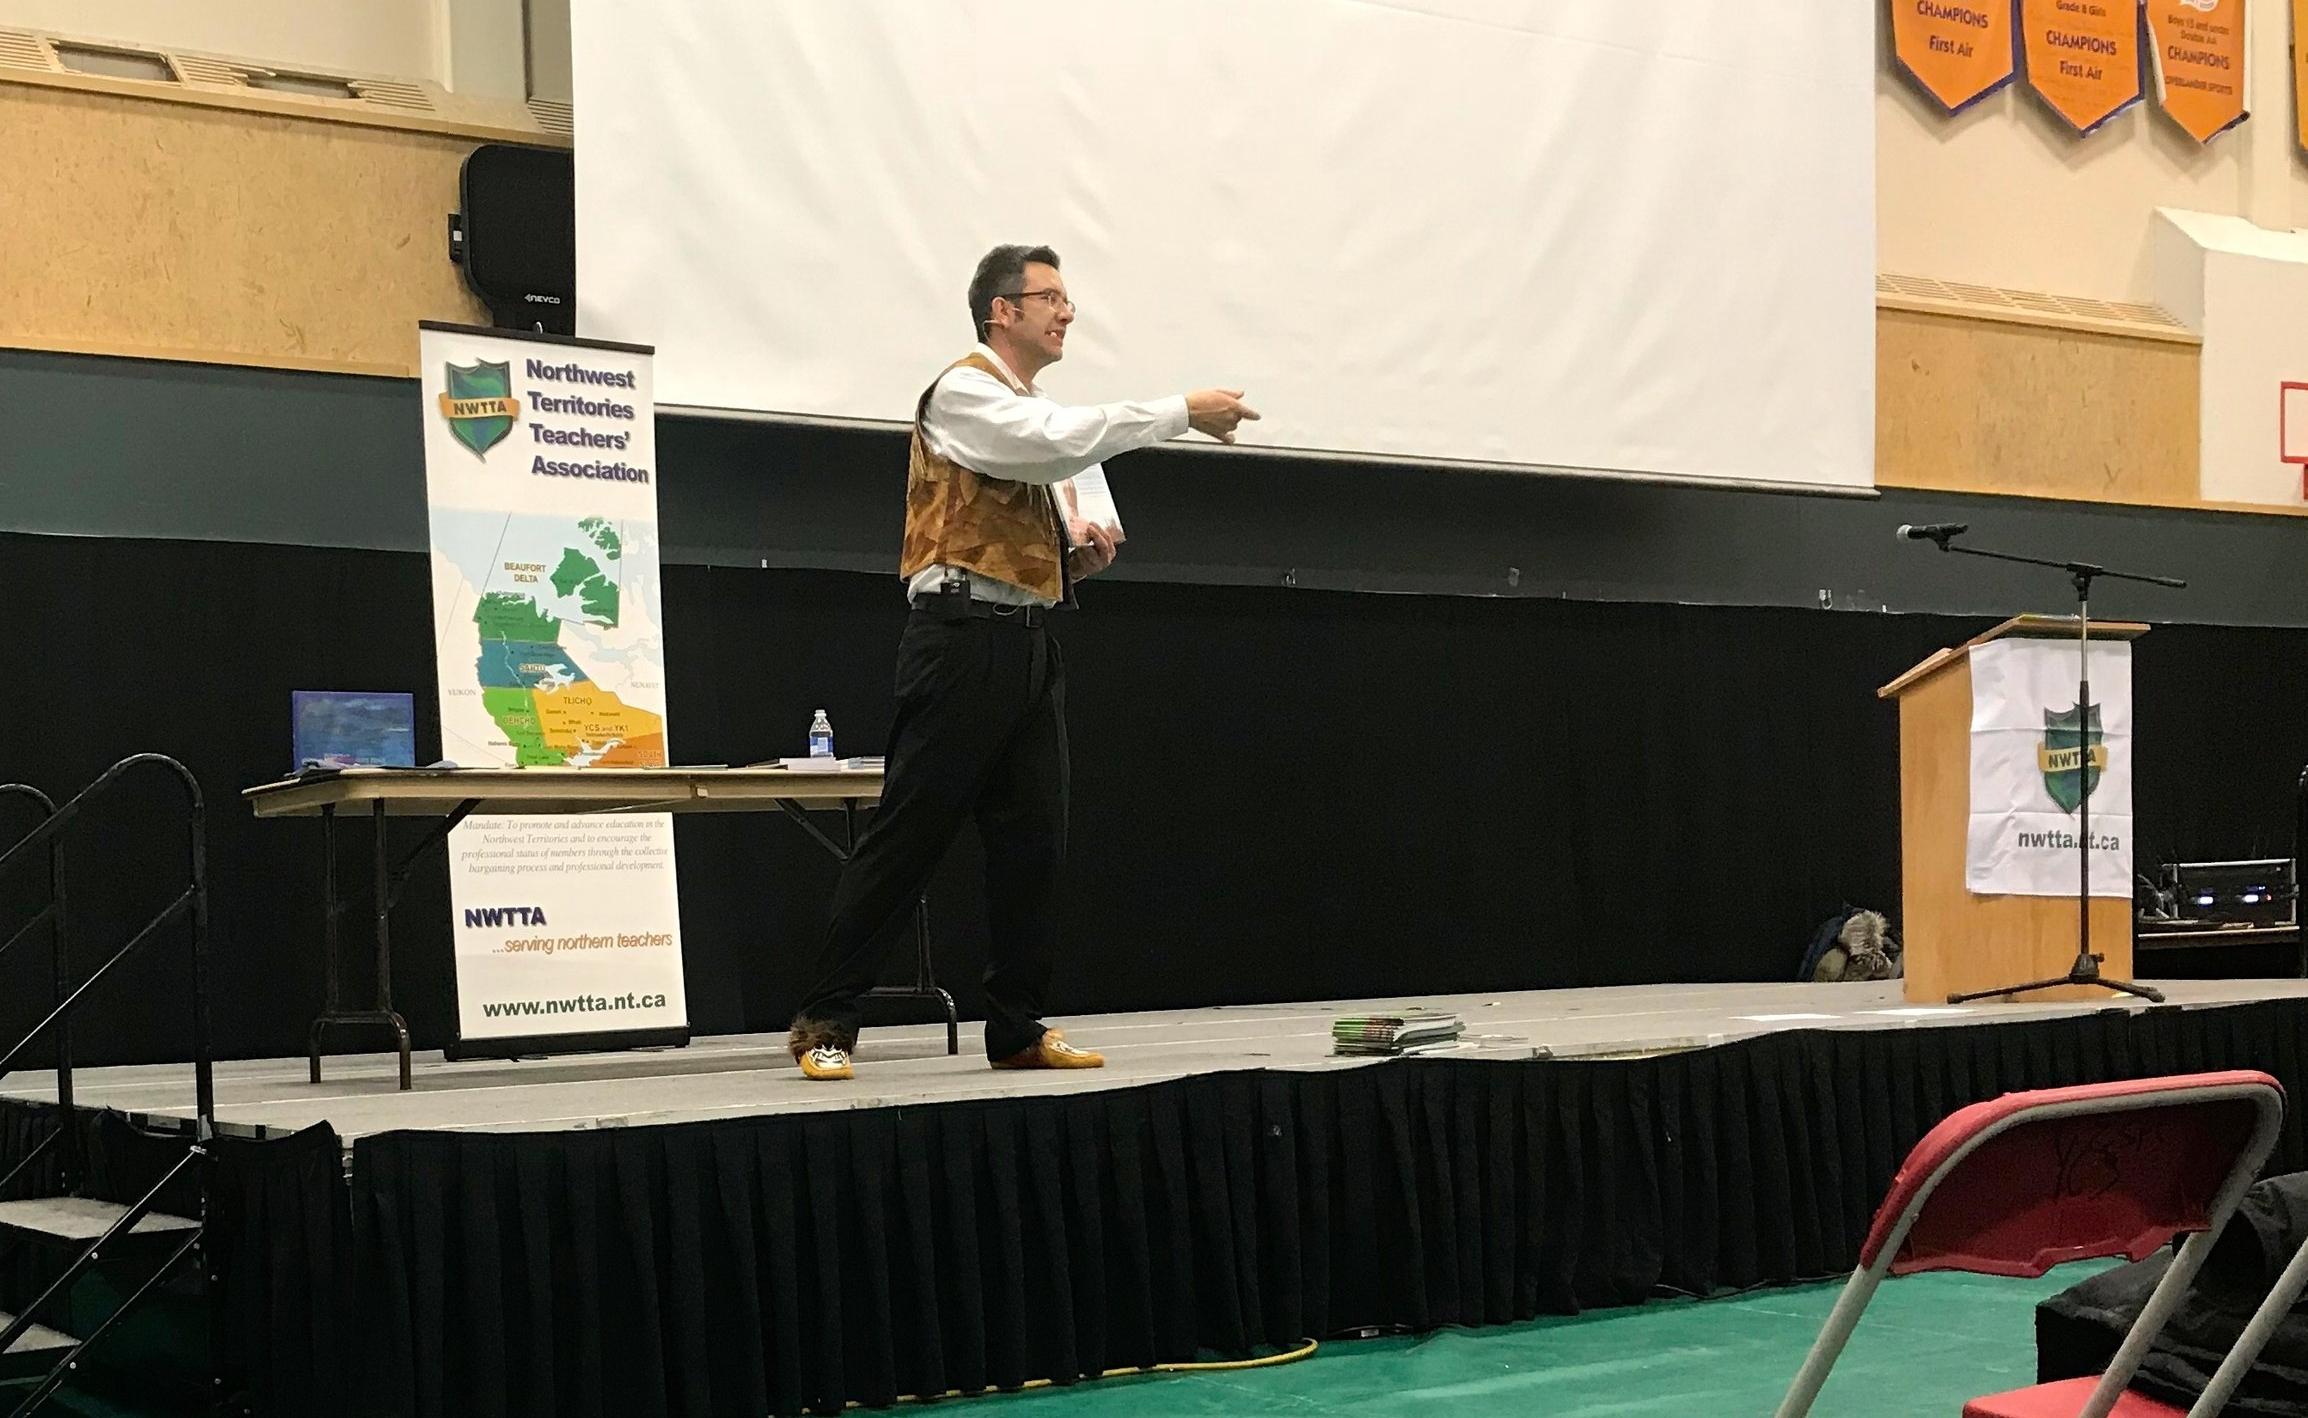 Keynote speaker Richard Van Camp